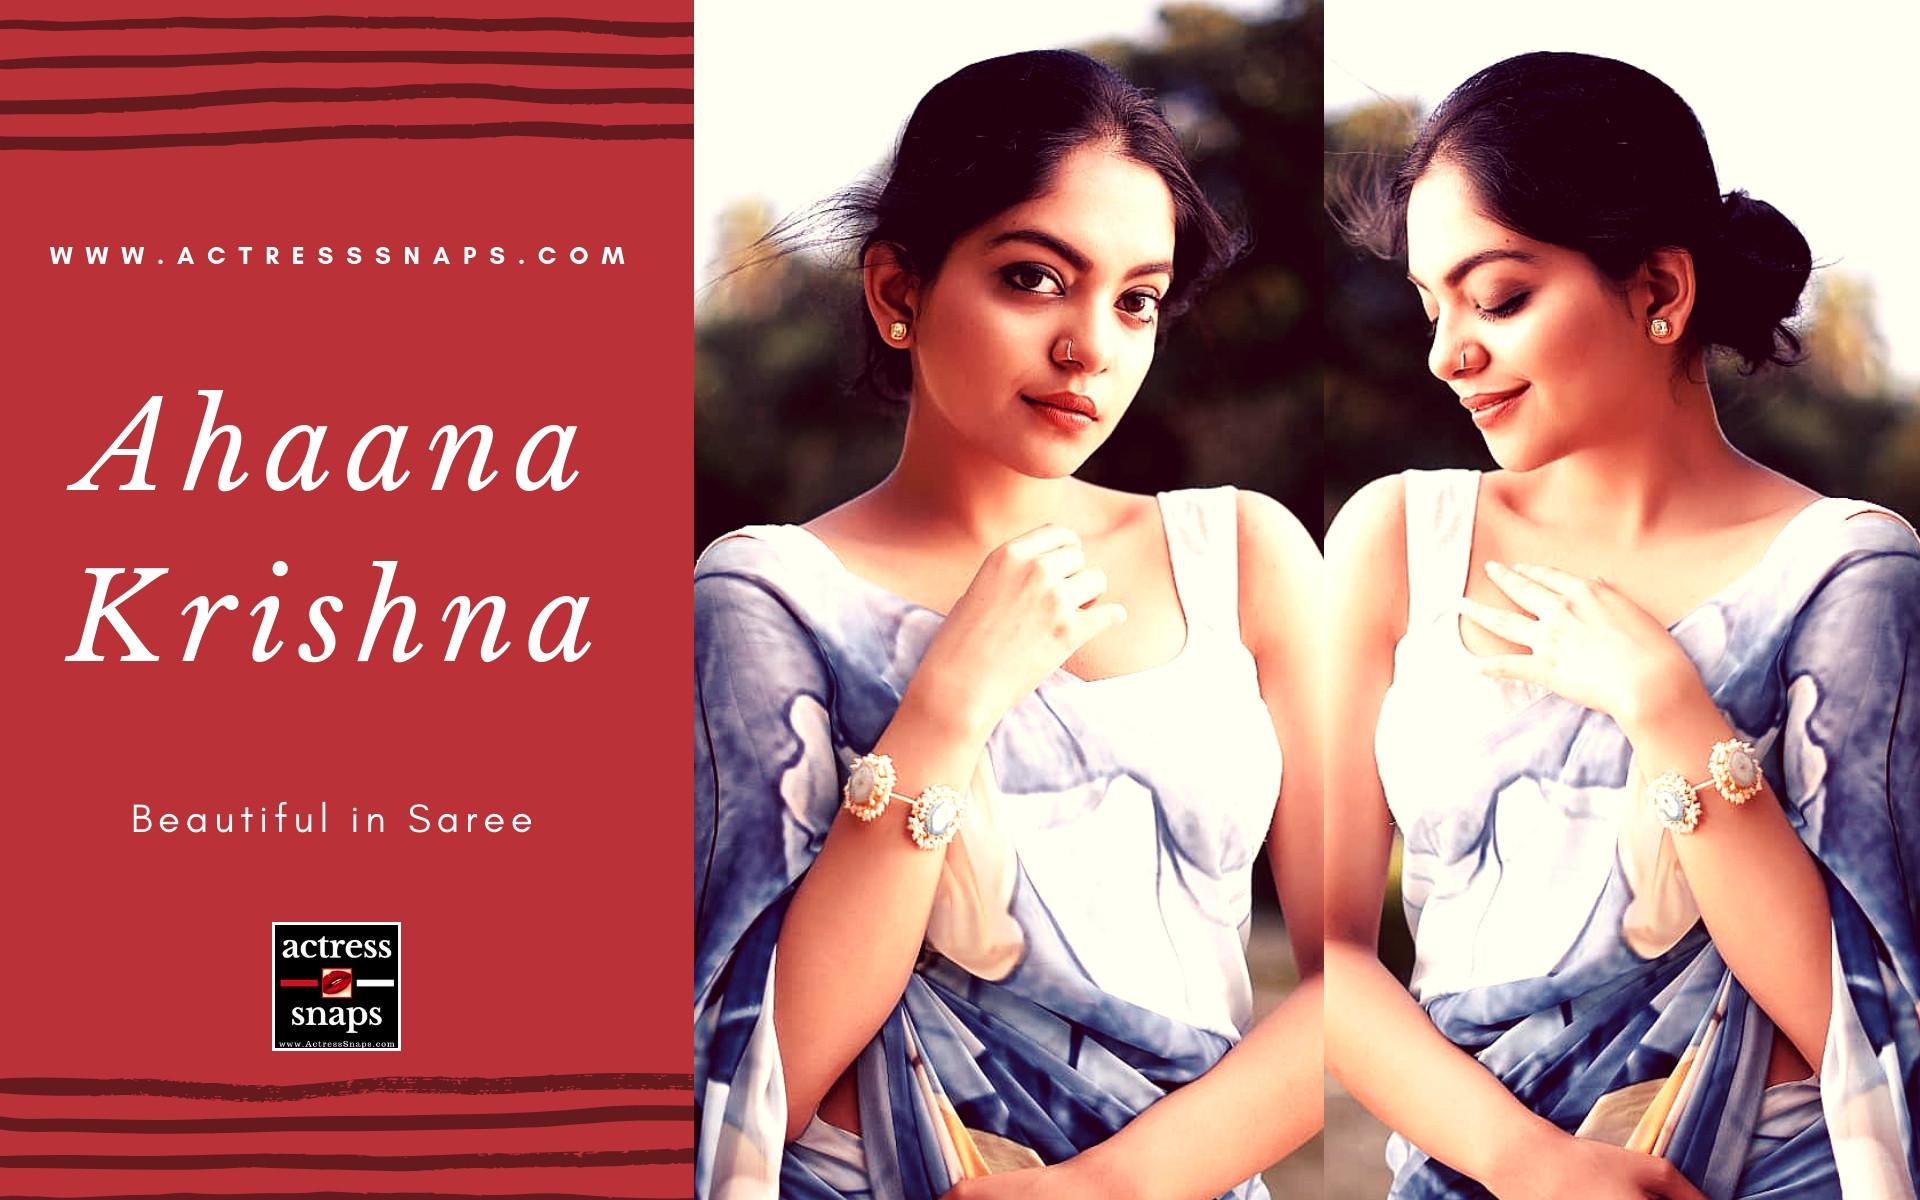 Ahaana Krishna - Beautiful in Saree - Sexy Actress Pictures | Hot Actress Pictures - ActressSnaps.com